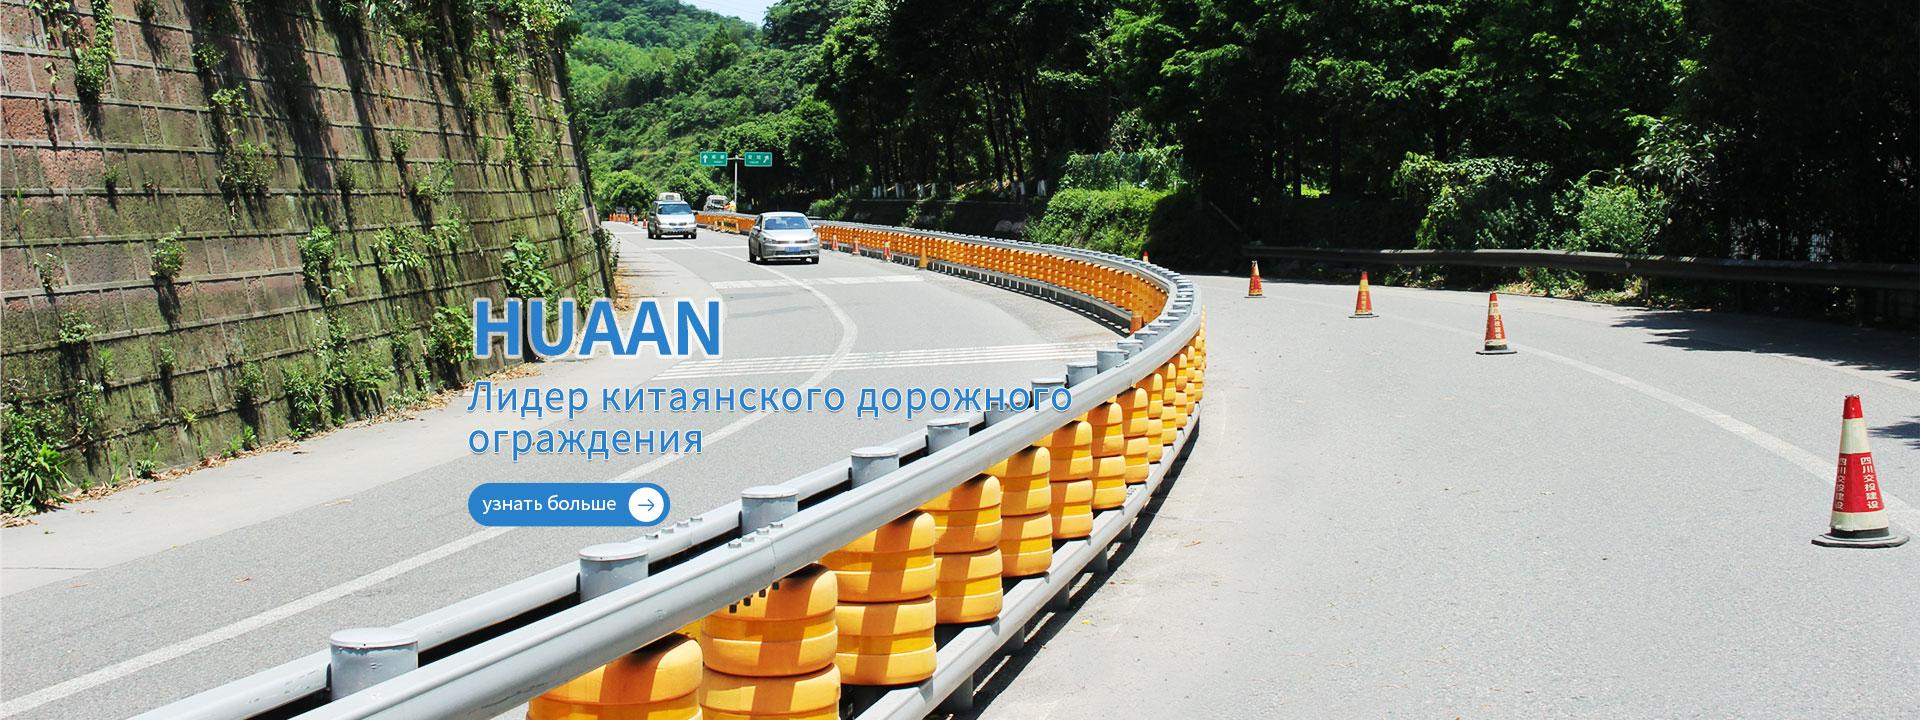 Столбы дорожных знаков